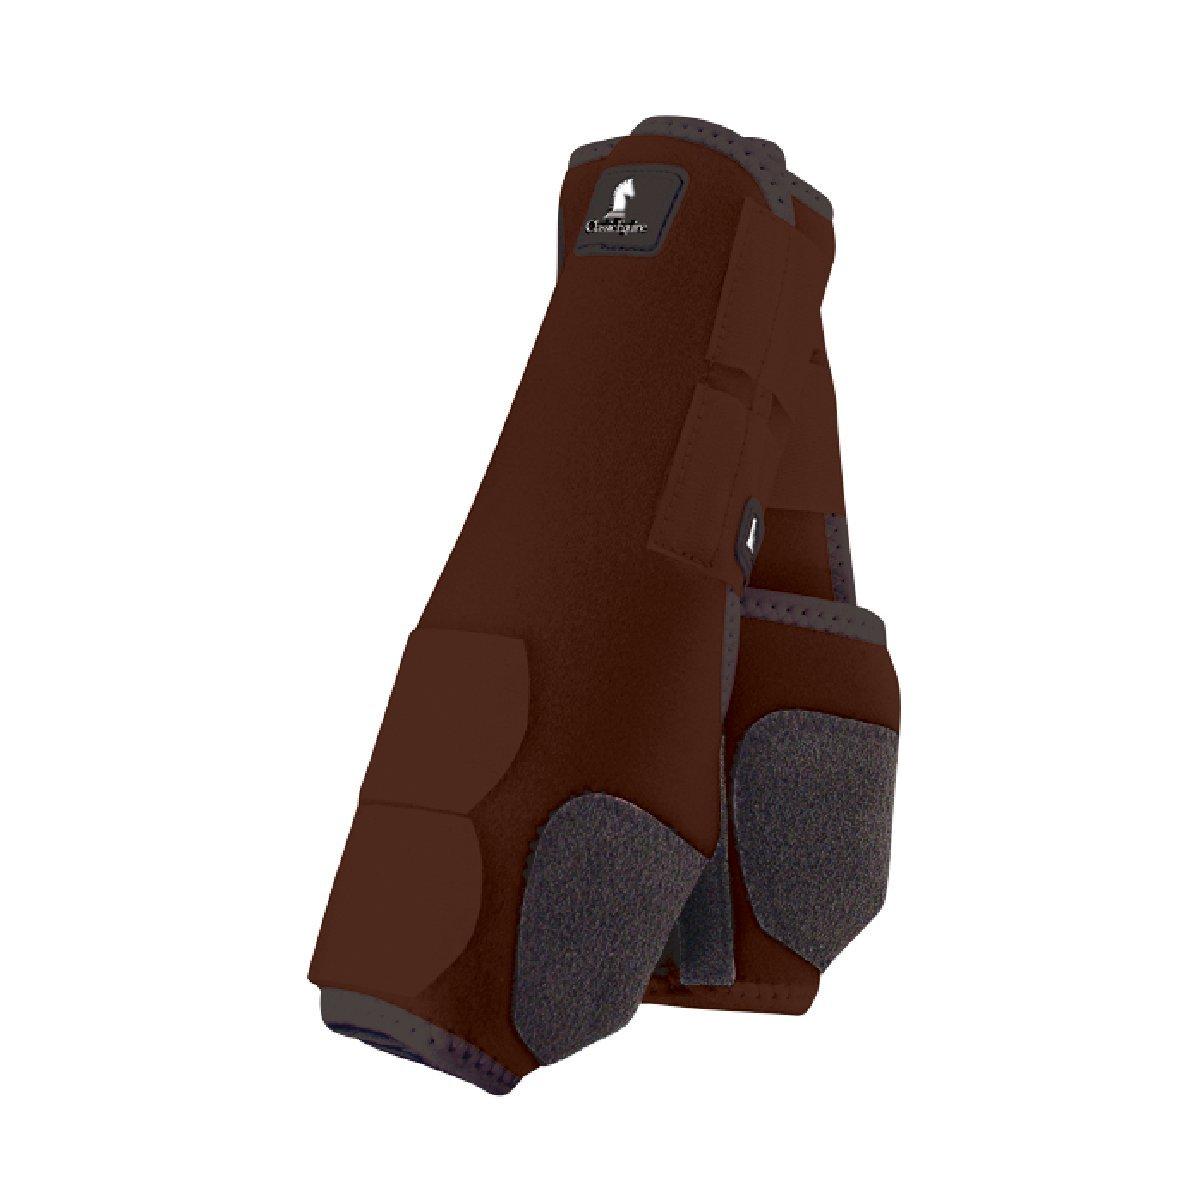 55%以上節約 クラシックEquine L Legacy SMBブーツ – フロント フロント – すべてのサイズと色 B00C7YVIIU L|Chocolate L|Chocolate Chocolate L, かざり屋:6859c3bc --- svecha37.ru